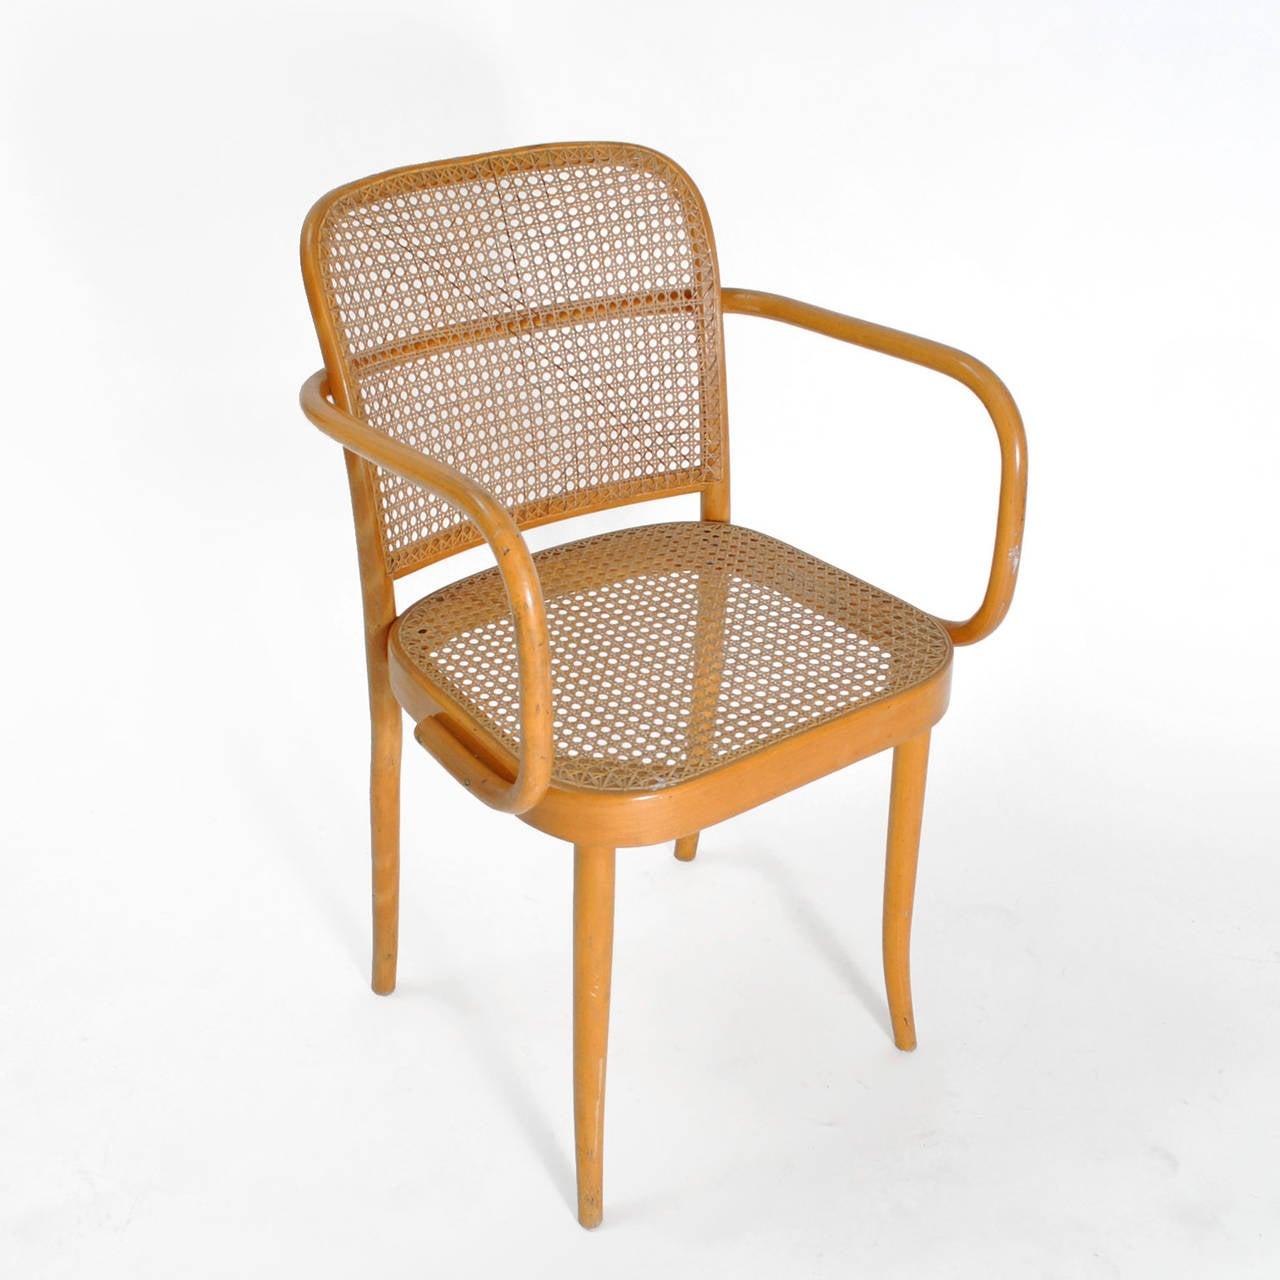 Nice Pair Of Chairs Model Prague Designed By Josef Hoffman 2